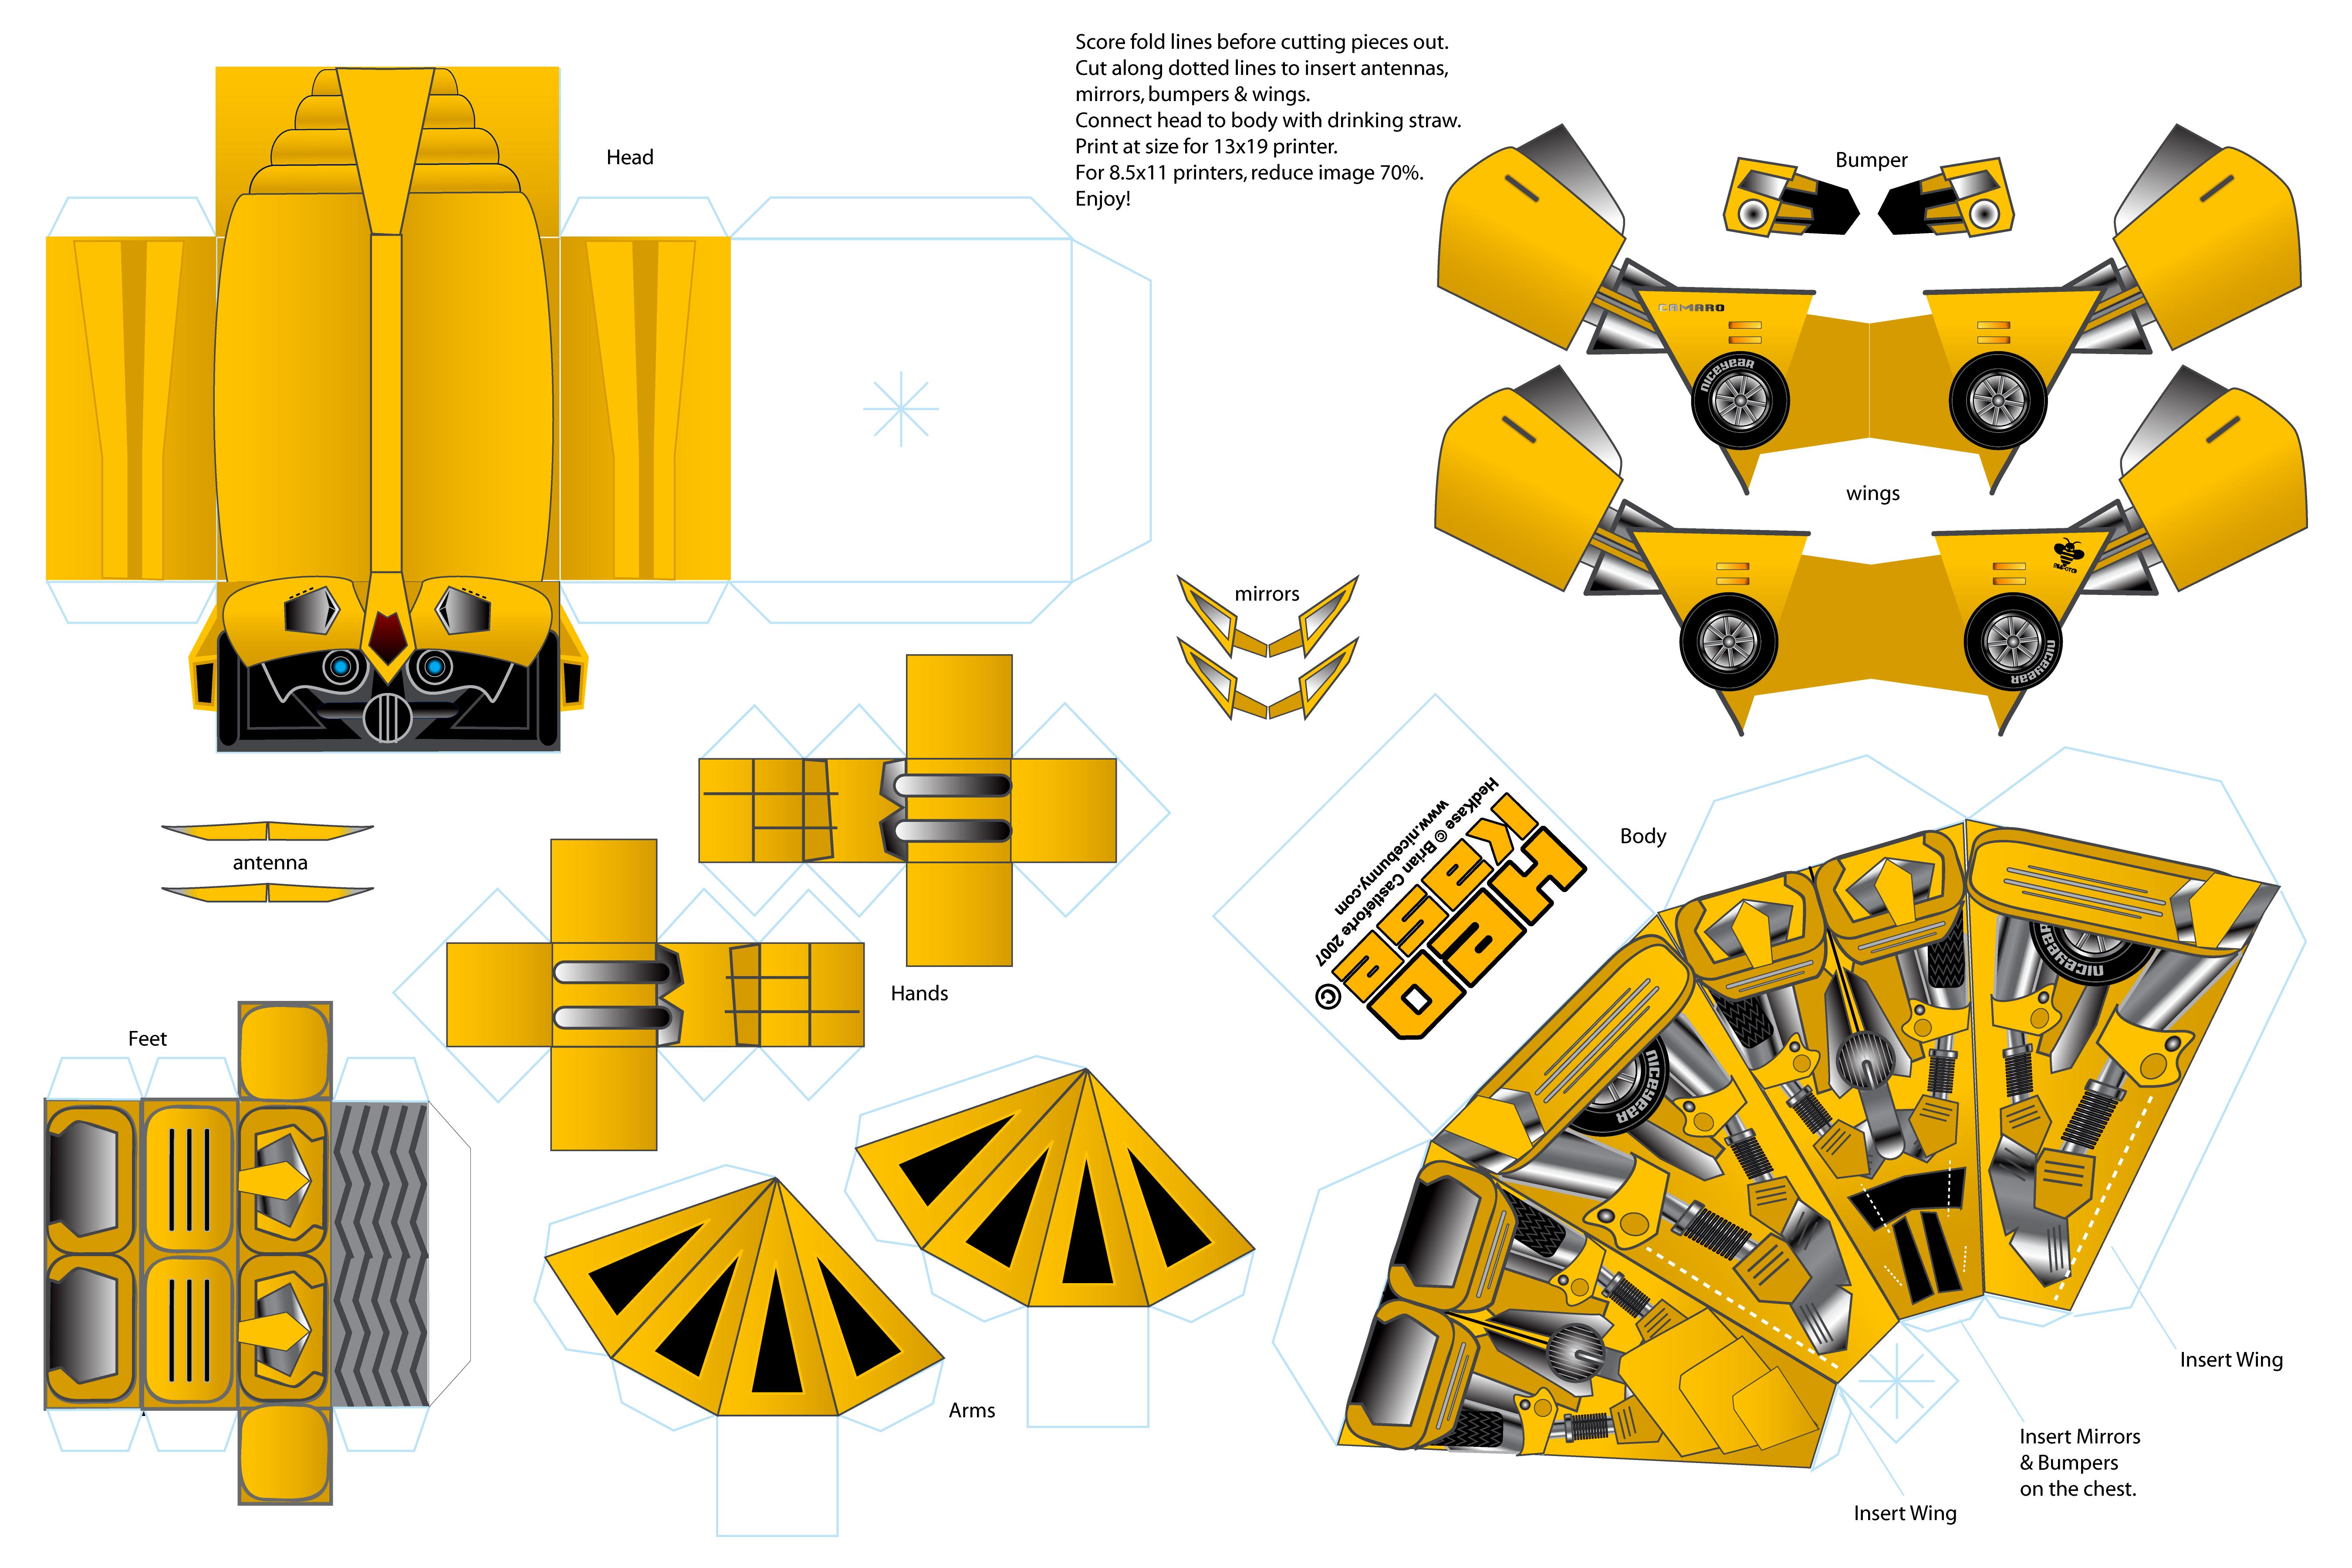 bumble bee diagram 2004 vw touareg wiring bumblebee hedkase papercraft in 2019 transformers